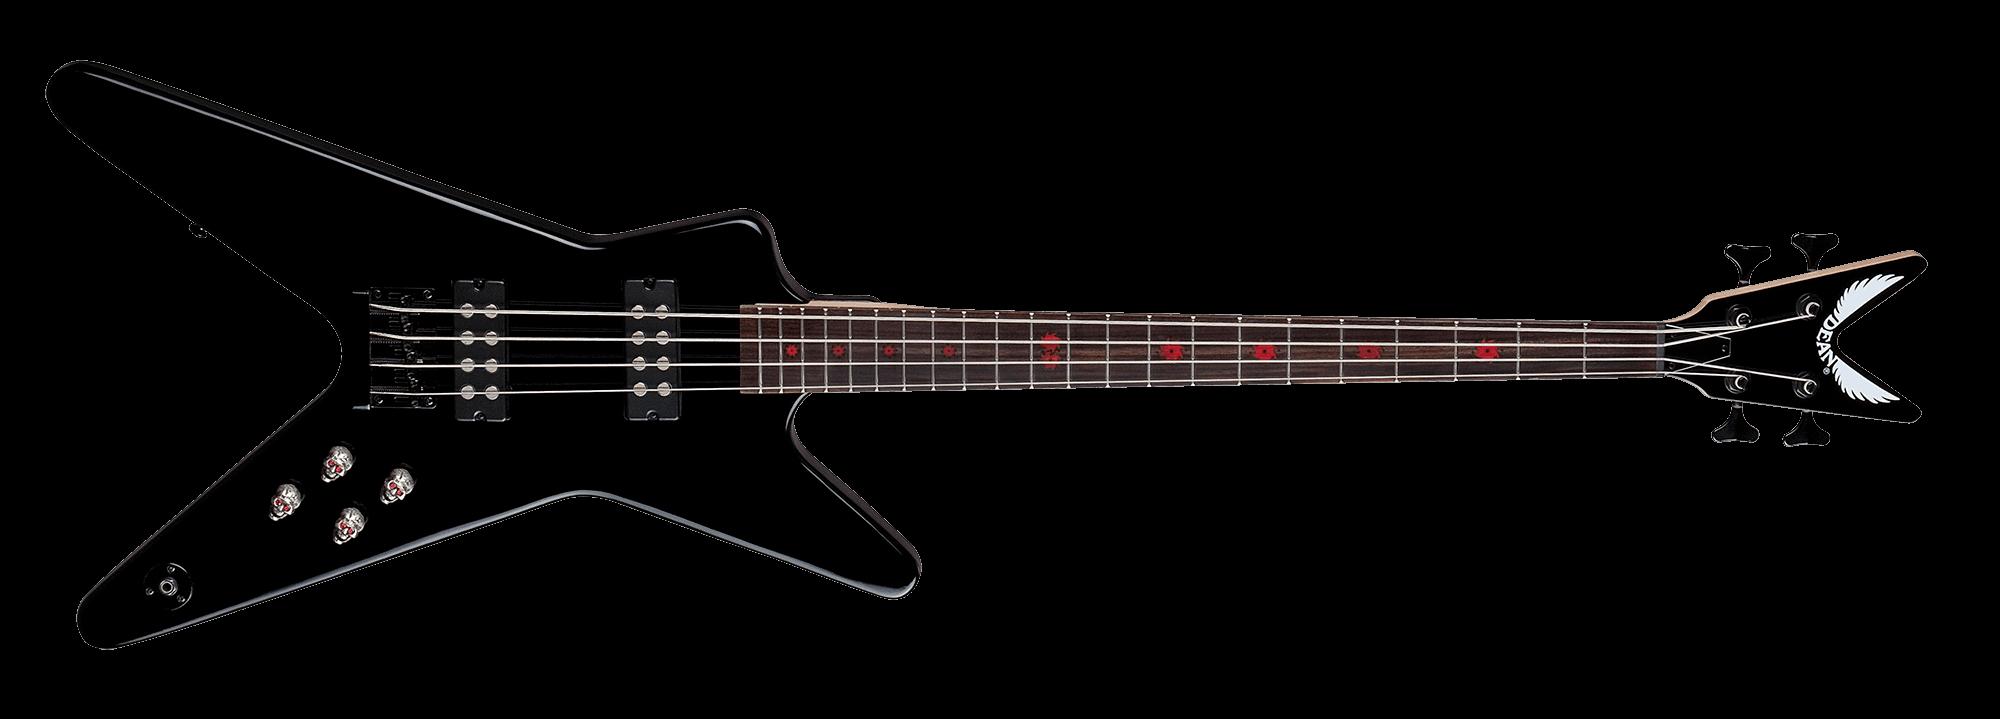 ml metalman bass w active eq cbk dean guitars